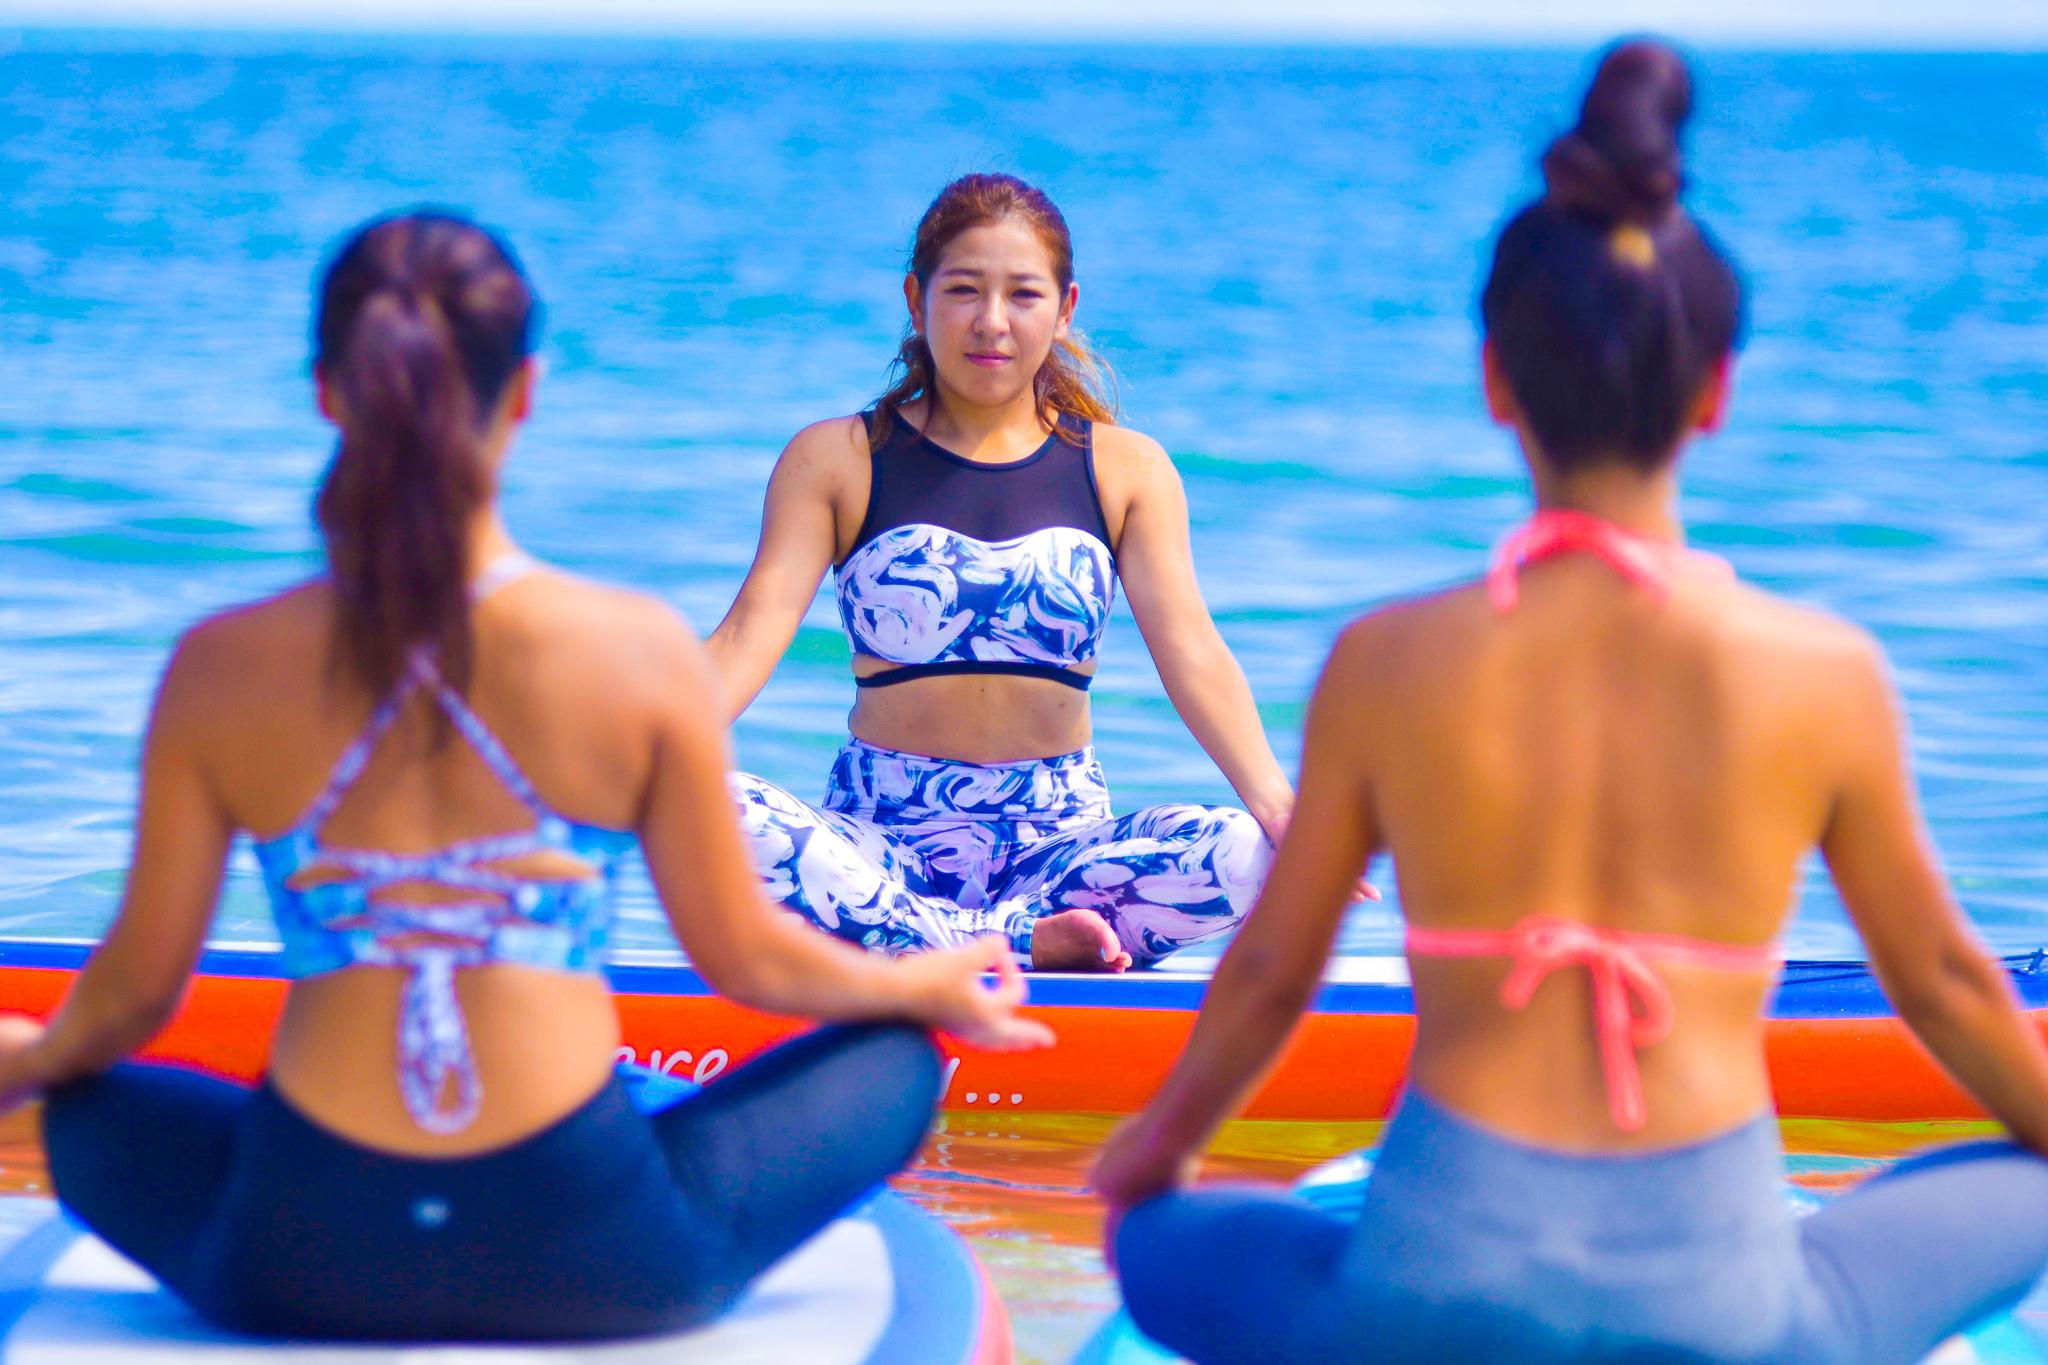 SUPボードの上で瞑想中